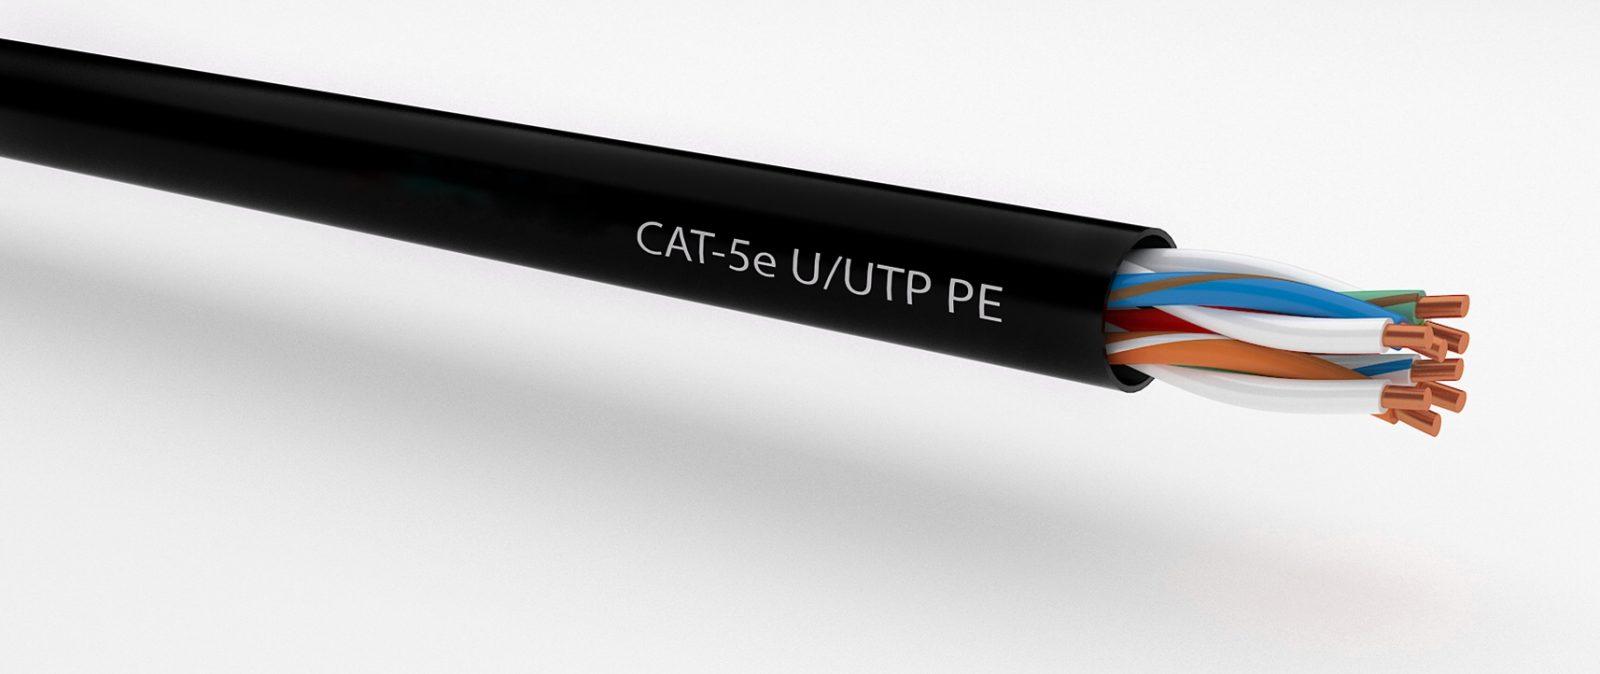 CAT 5e U/UTP PE